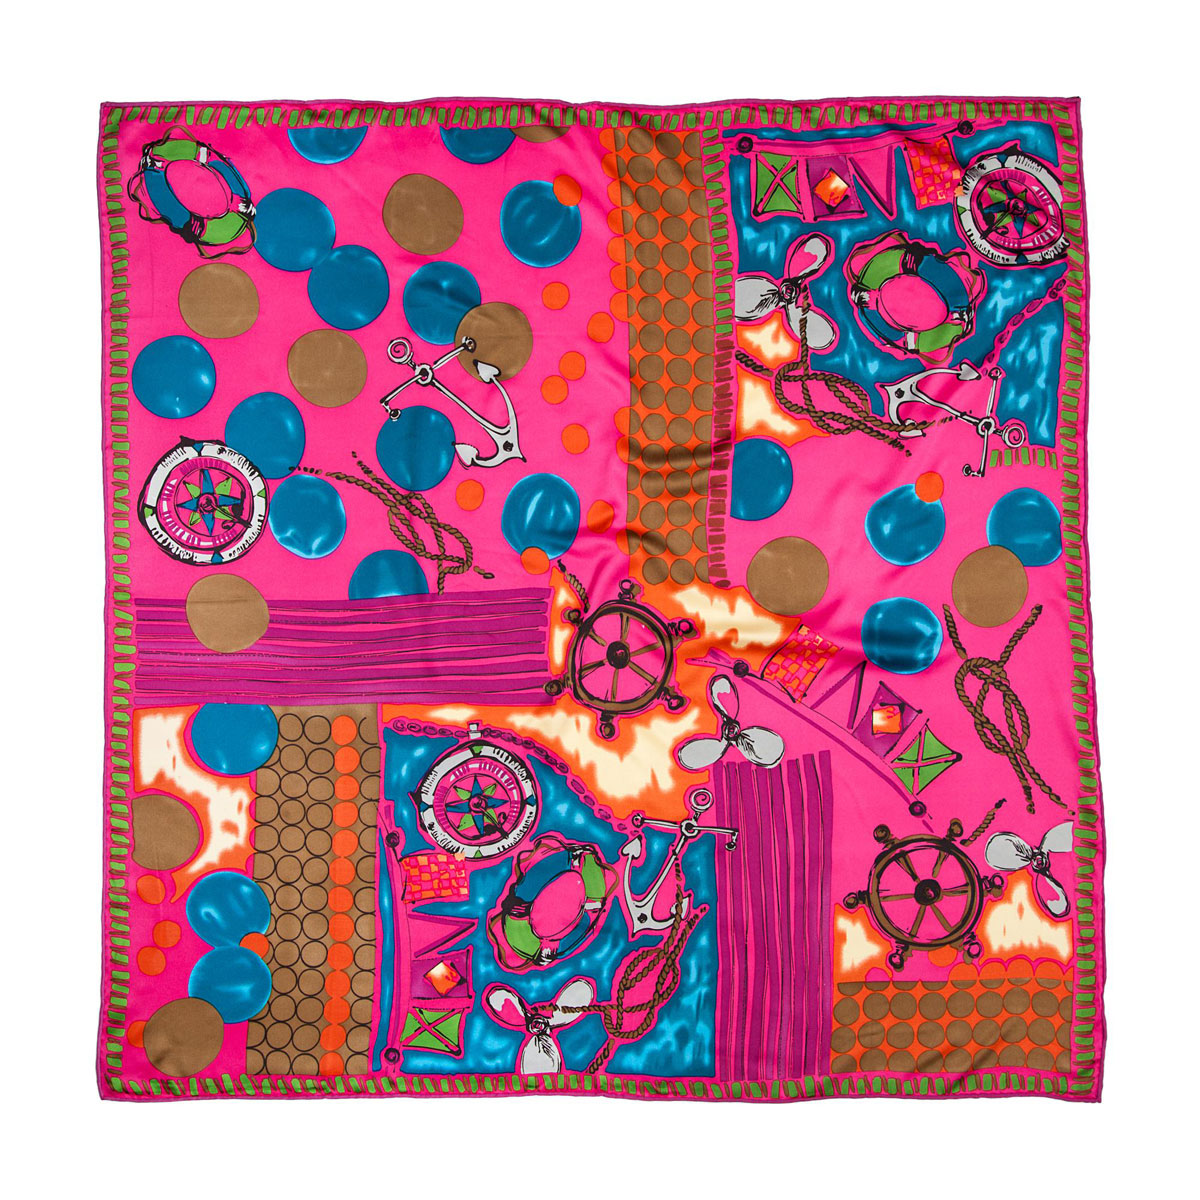 Платок женский Модные истории, цвет: розовый, голубой, оранжевый. 23/0246/117. Размер 90 см x 90 см